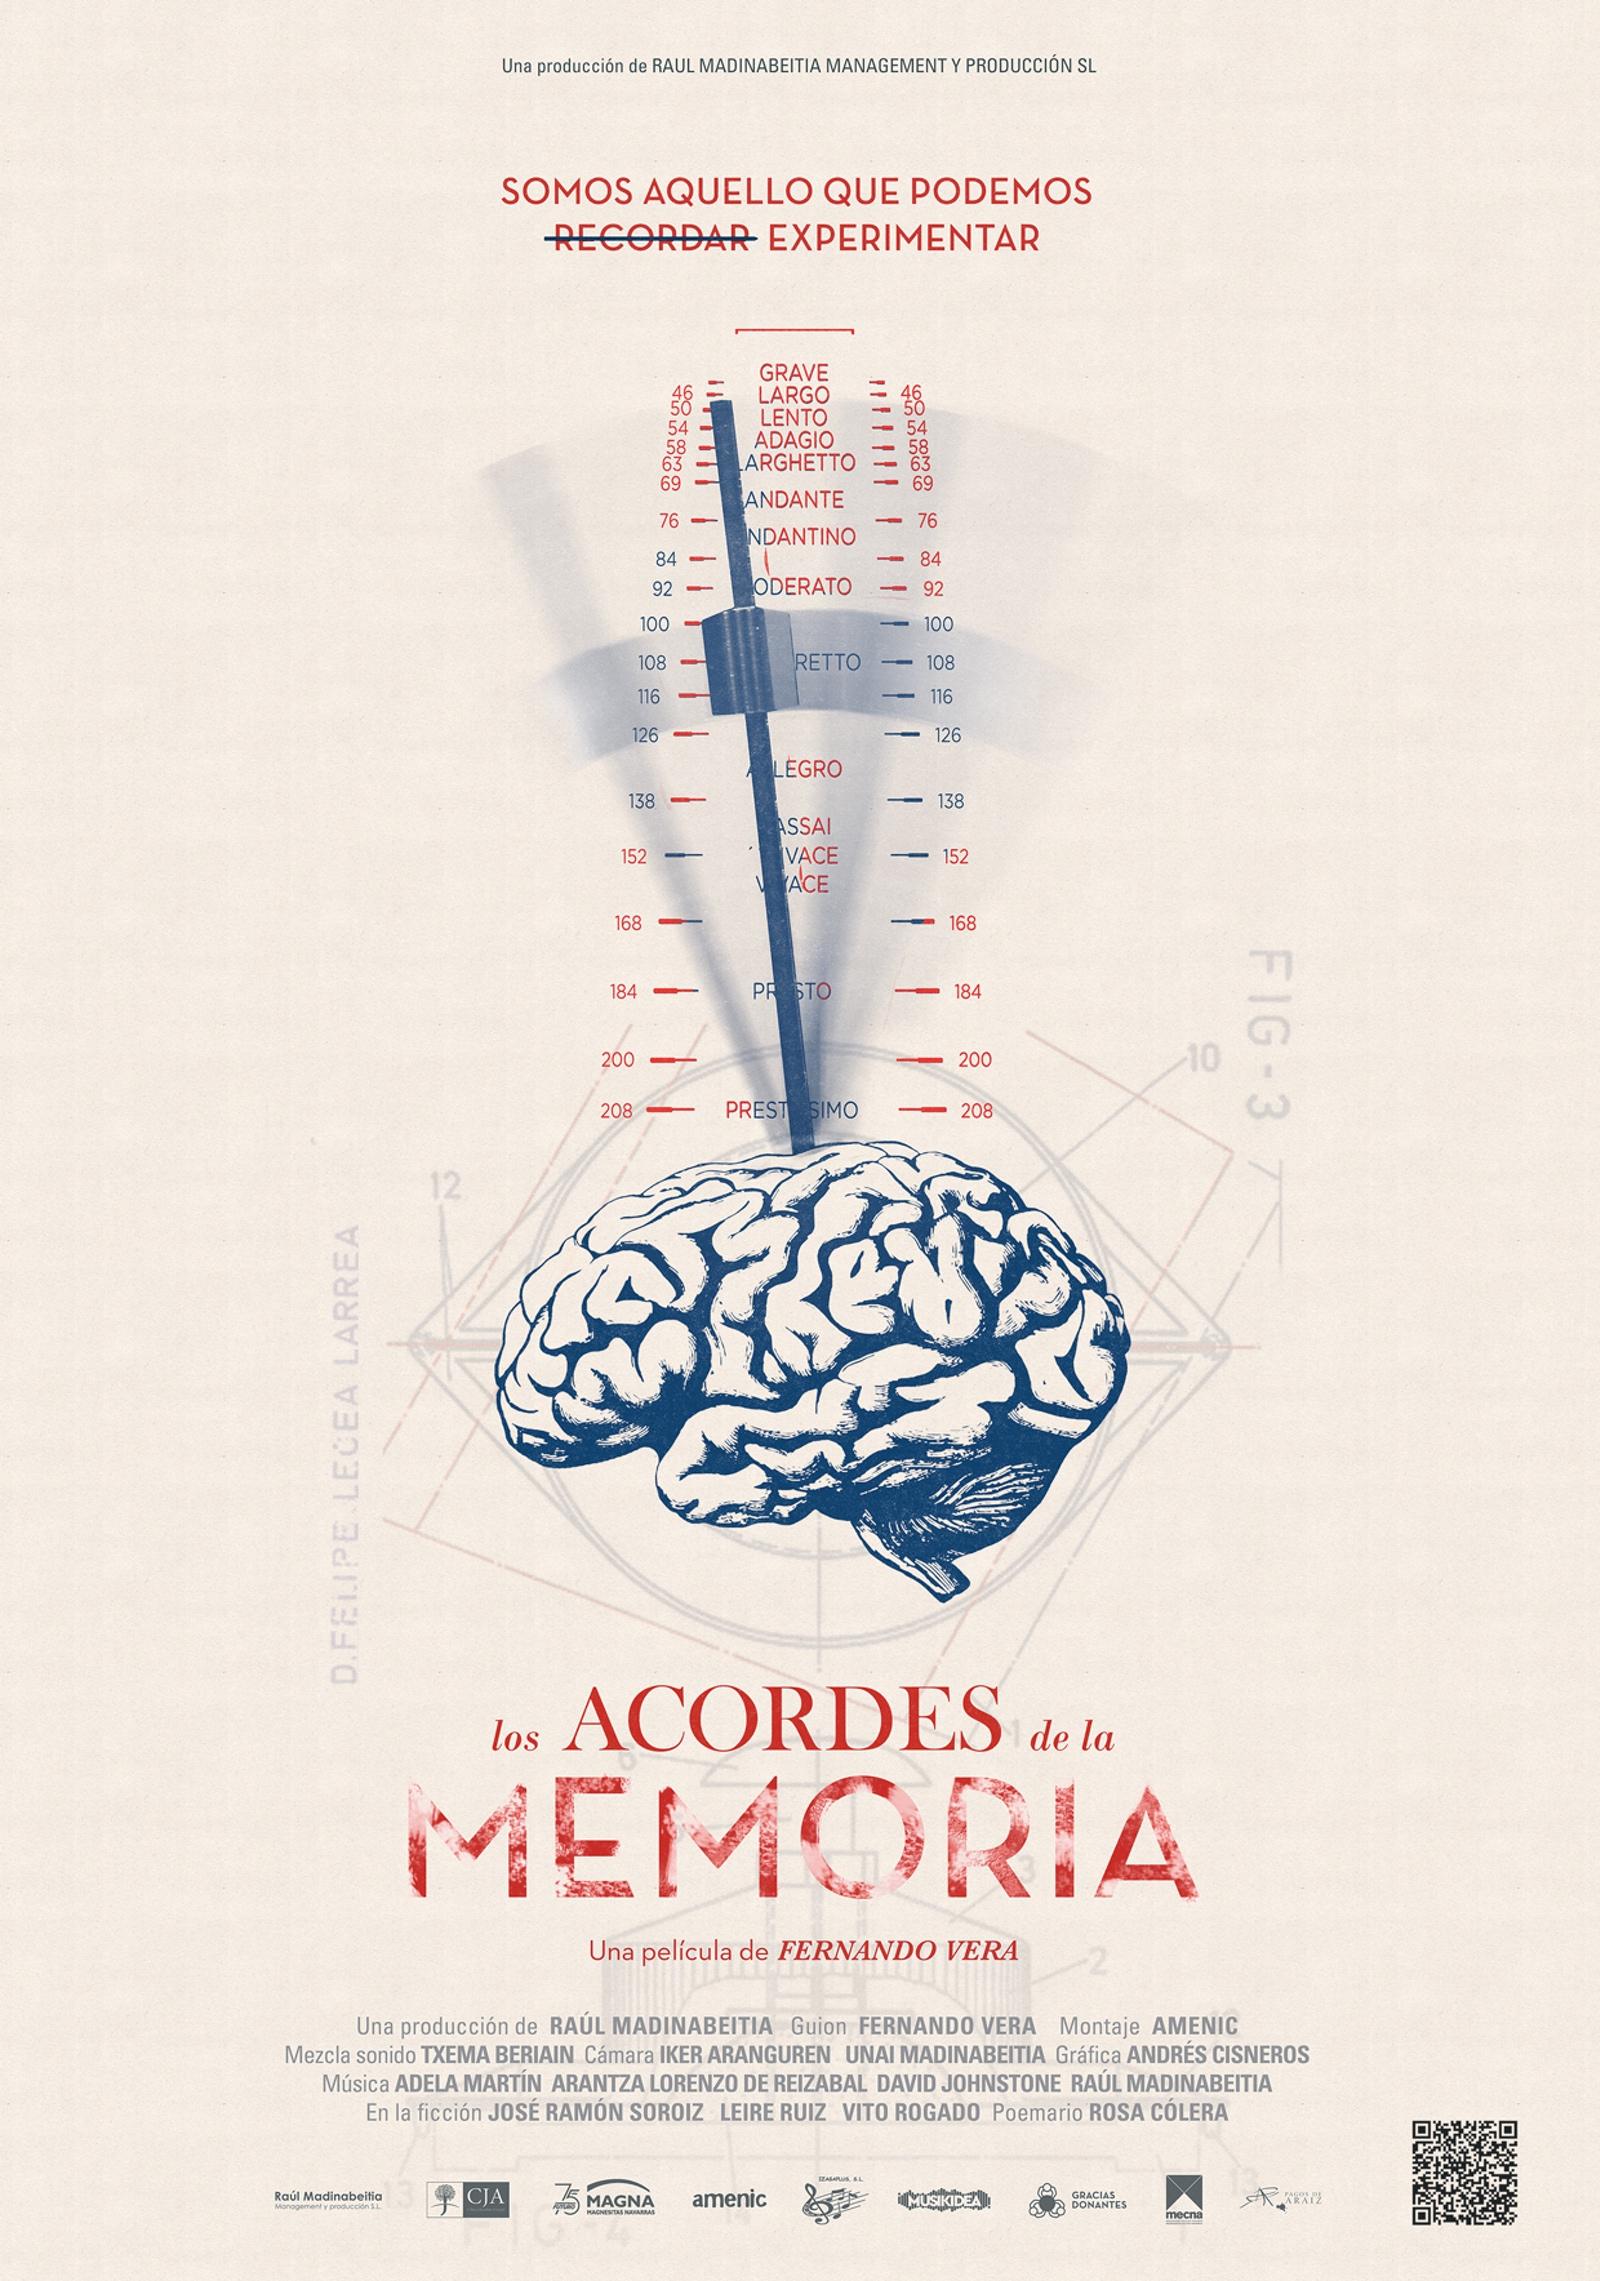 Los acordes de la memoria (The Chords of Memory)